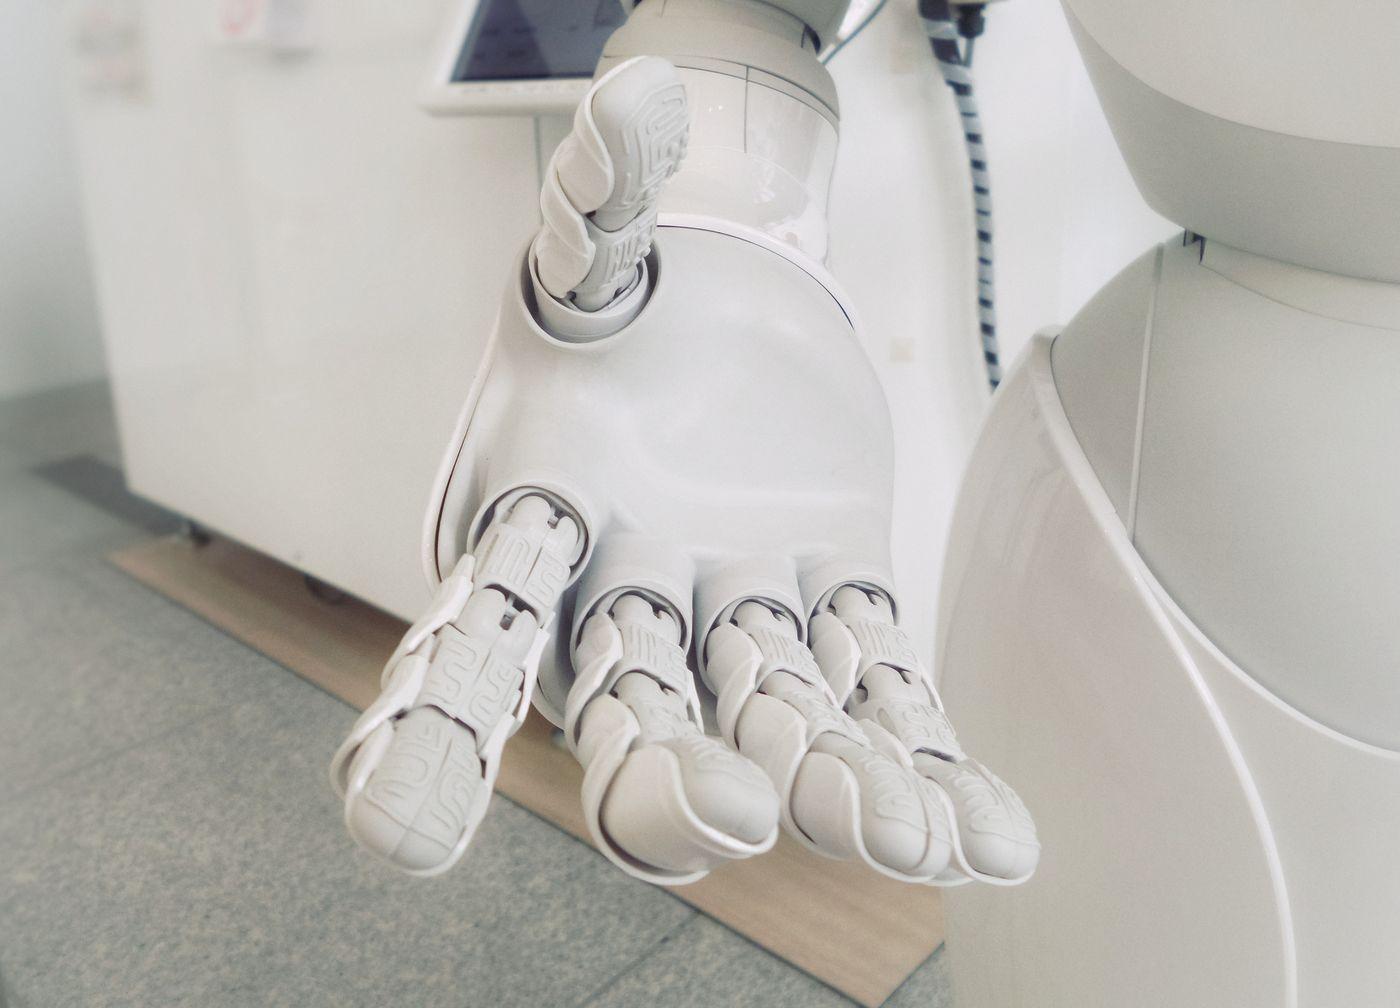 Sztuczna inteligencja w Content Marketingu